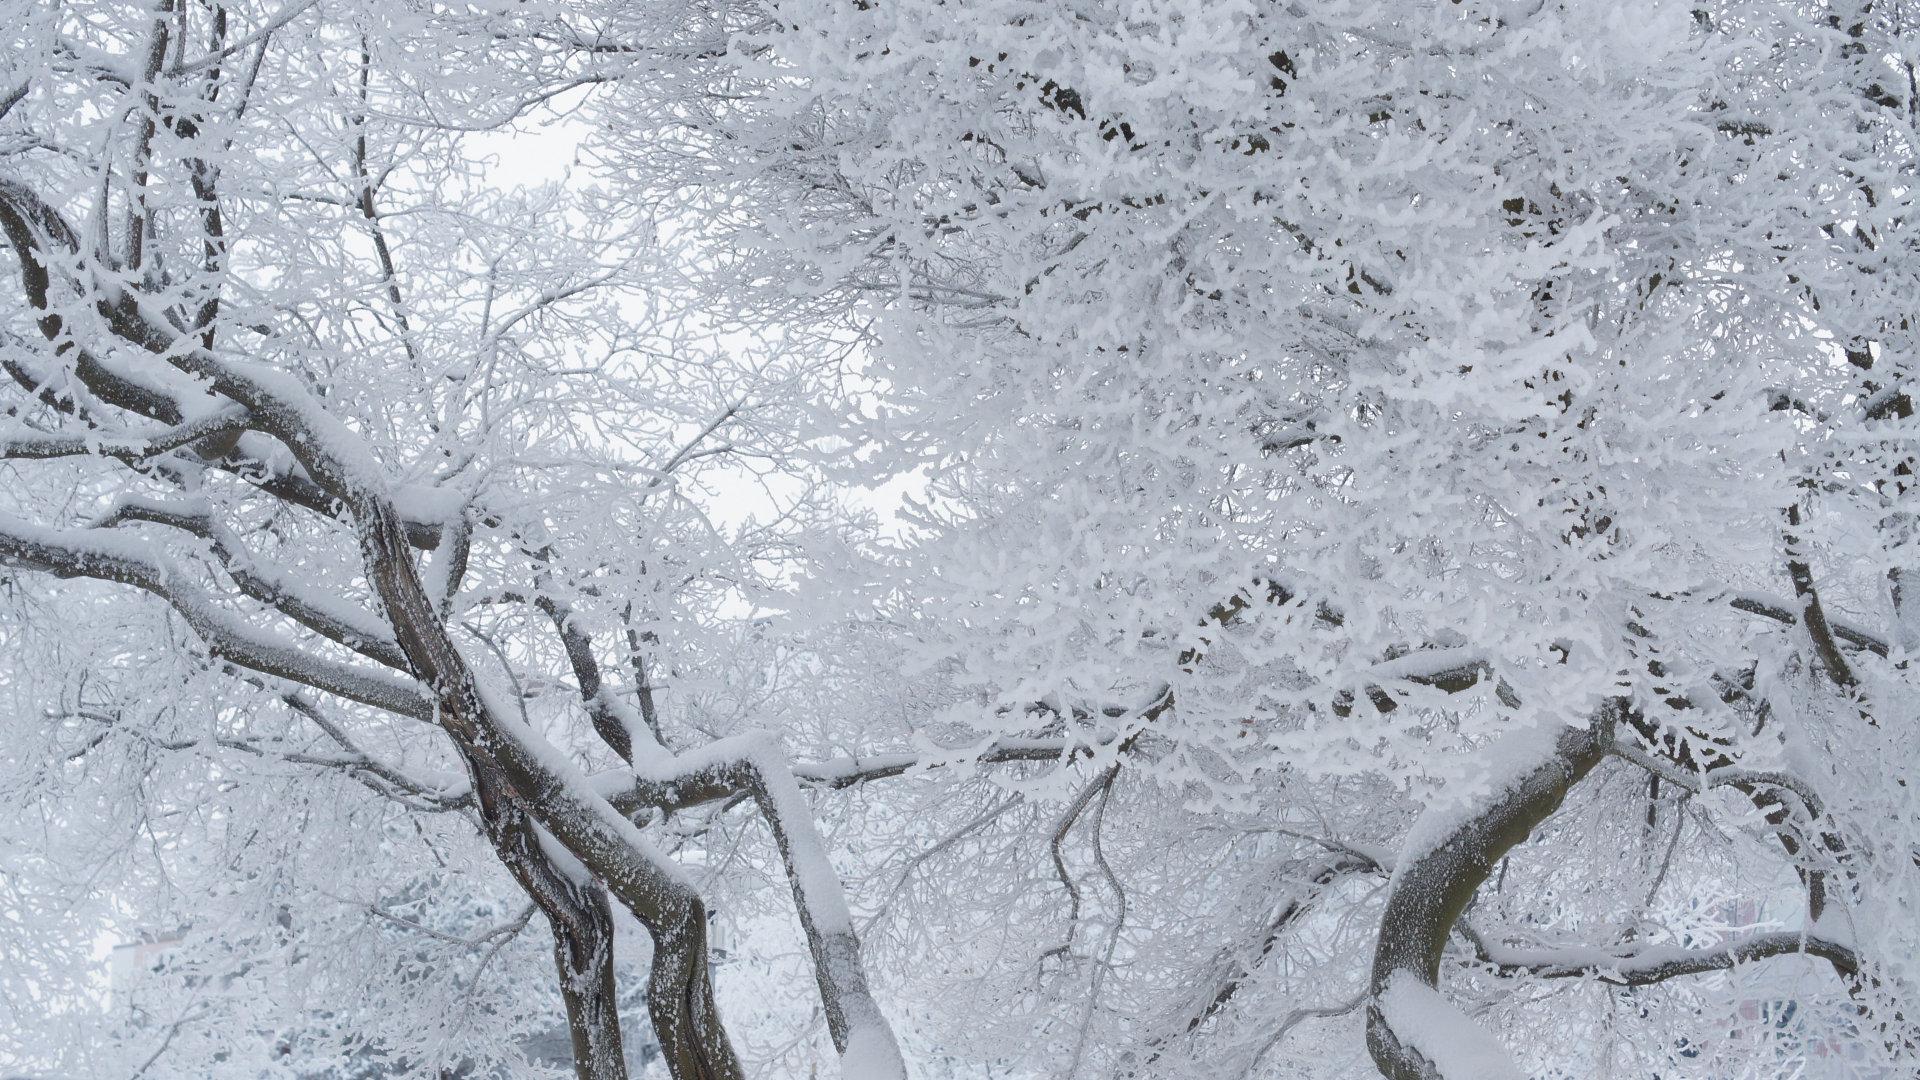 冬季雾凇奇观1080P高清壁纸图片